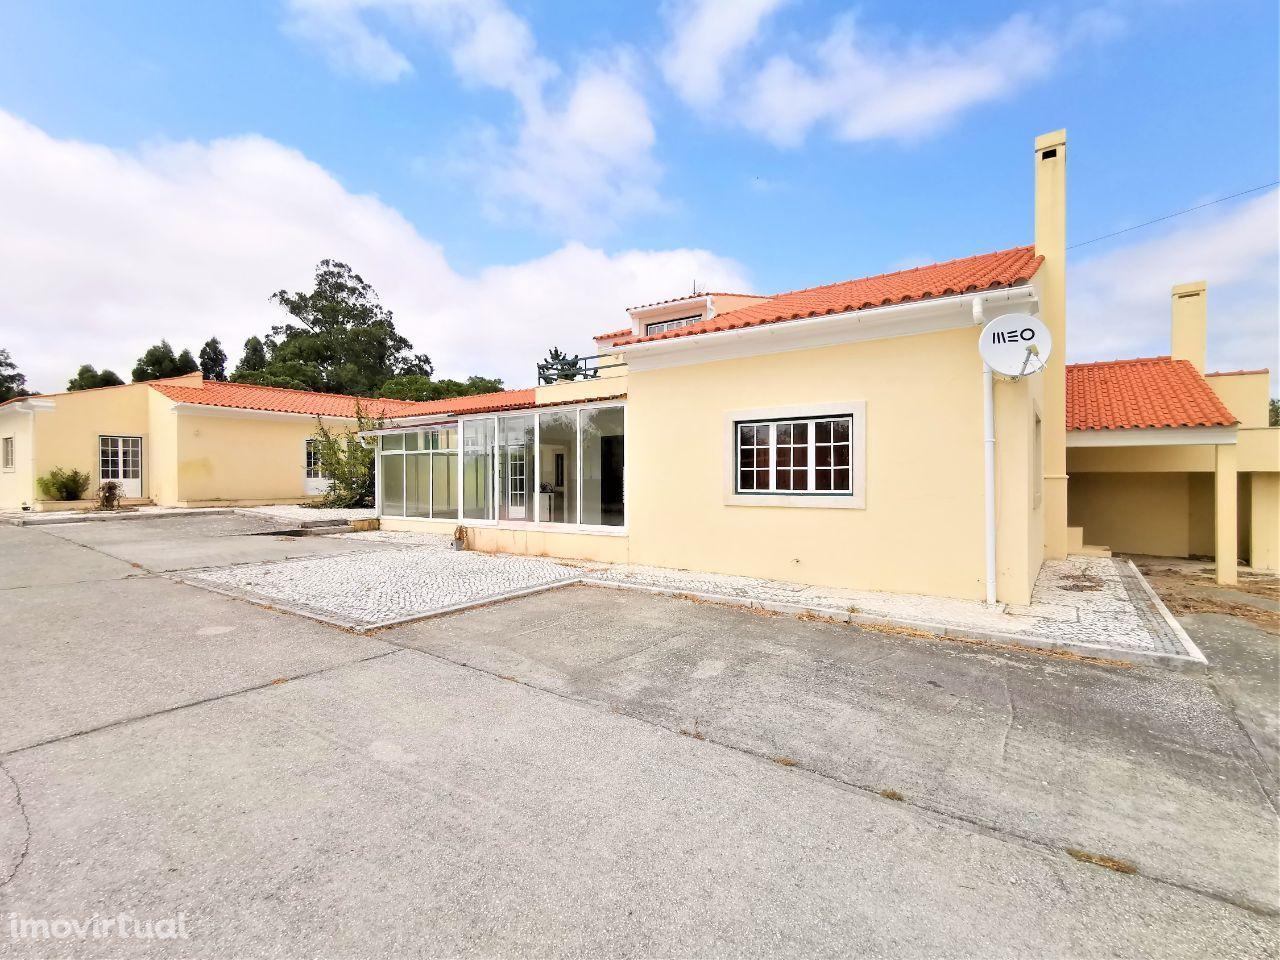 Quintas e herdades para comprar, Rua Alcobaça, Alcobaça e Vestiaria - Foto 8